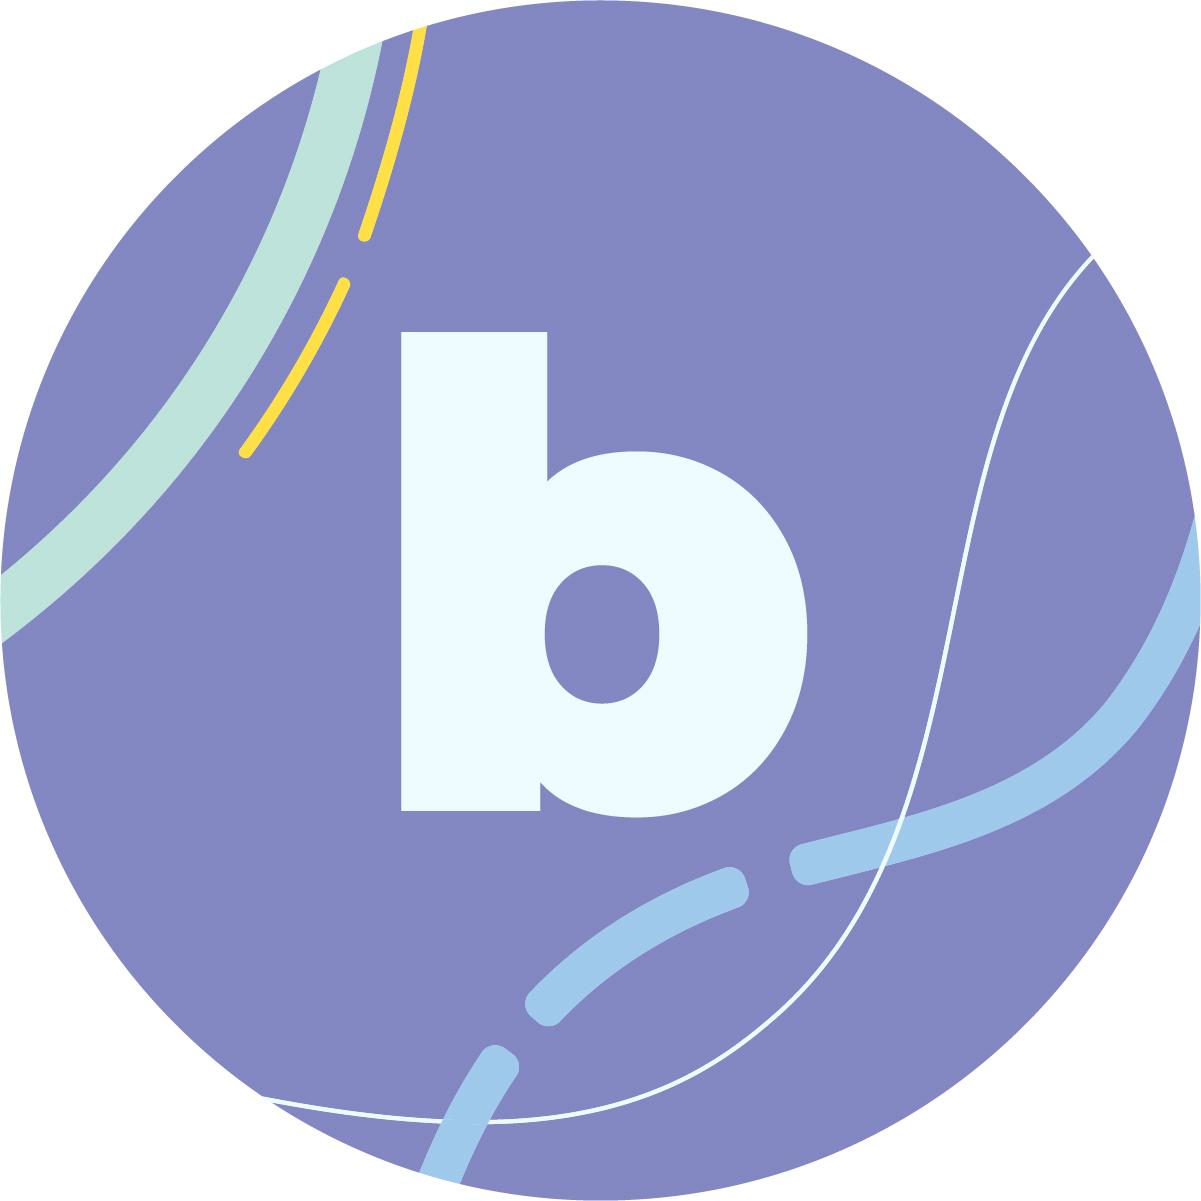 Blistabloc